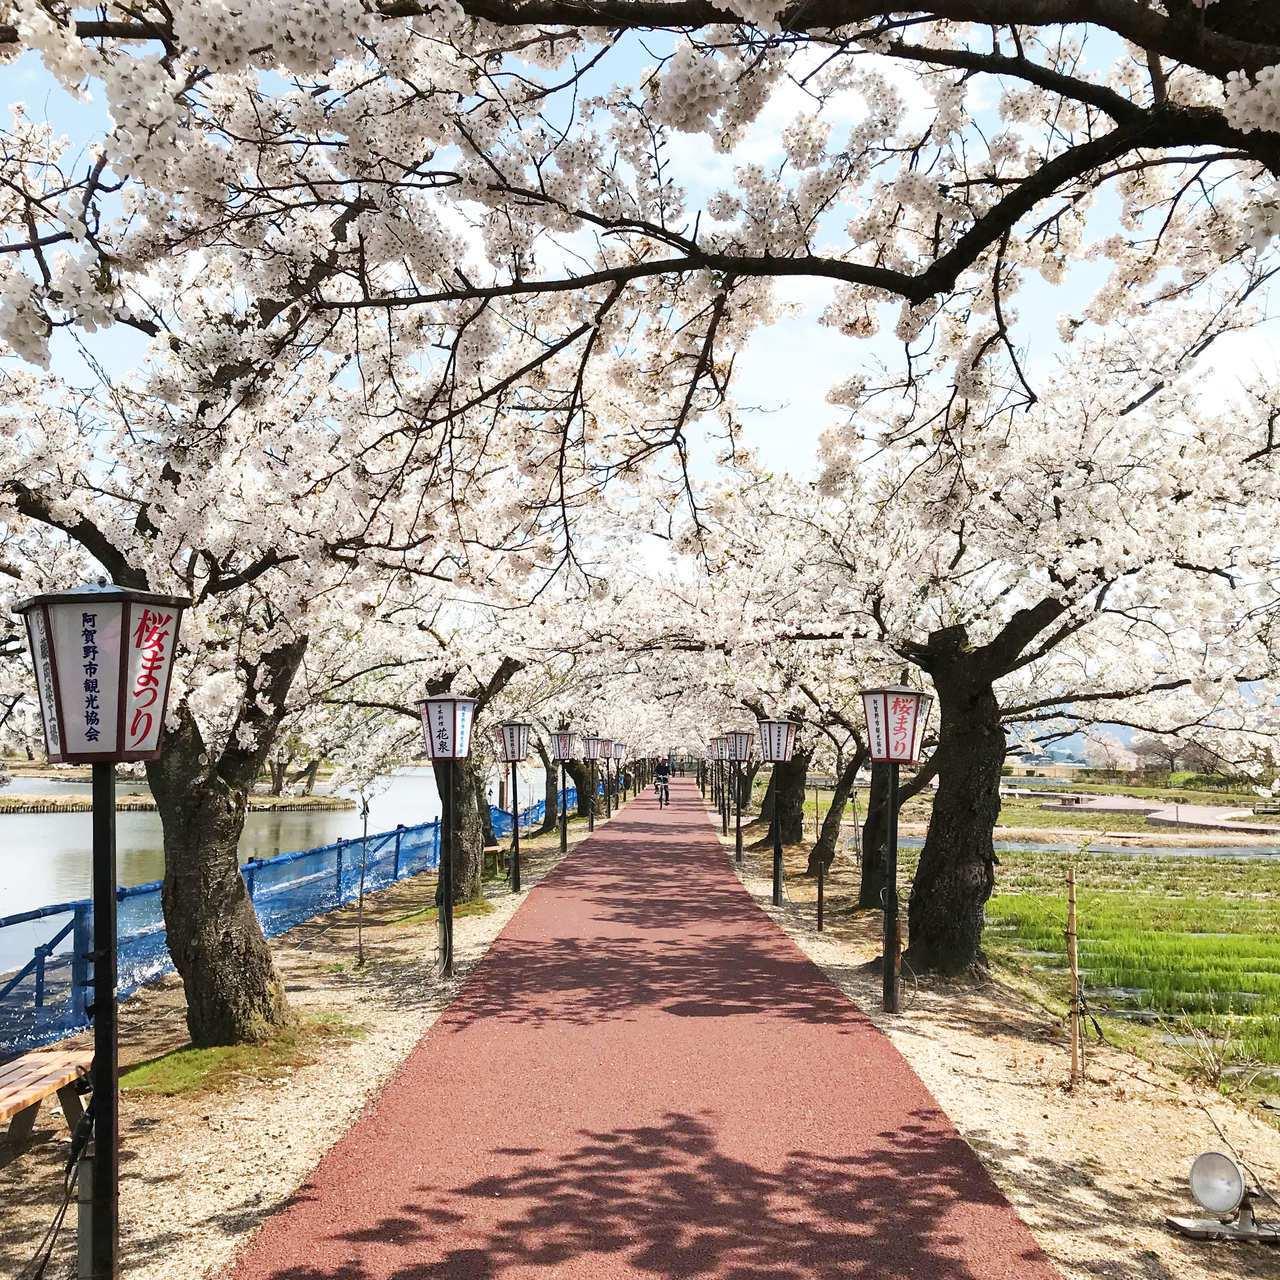 遠東航空獨家直飛桃園-新潟航班四月份起每周一、三、五出發,航班選擇更便利,只要三...